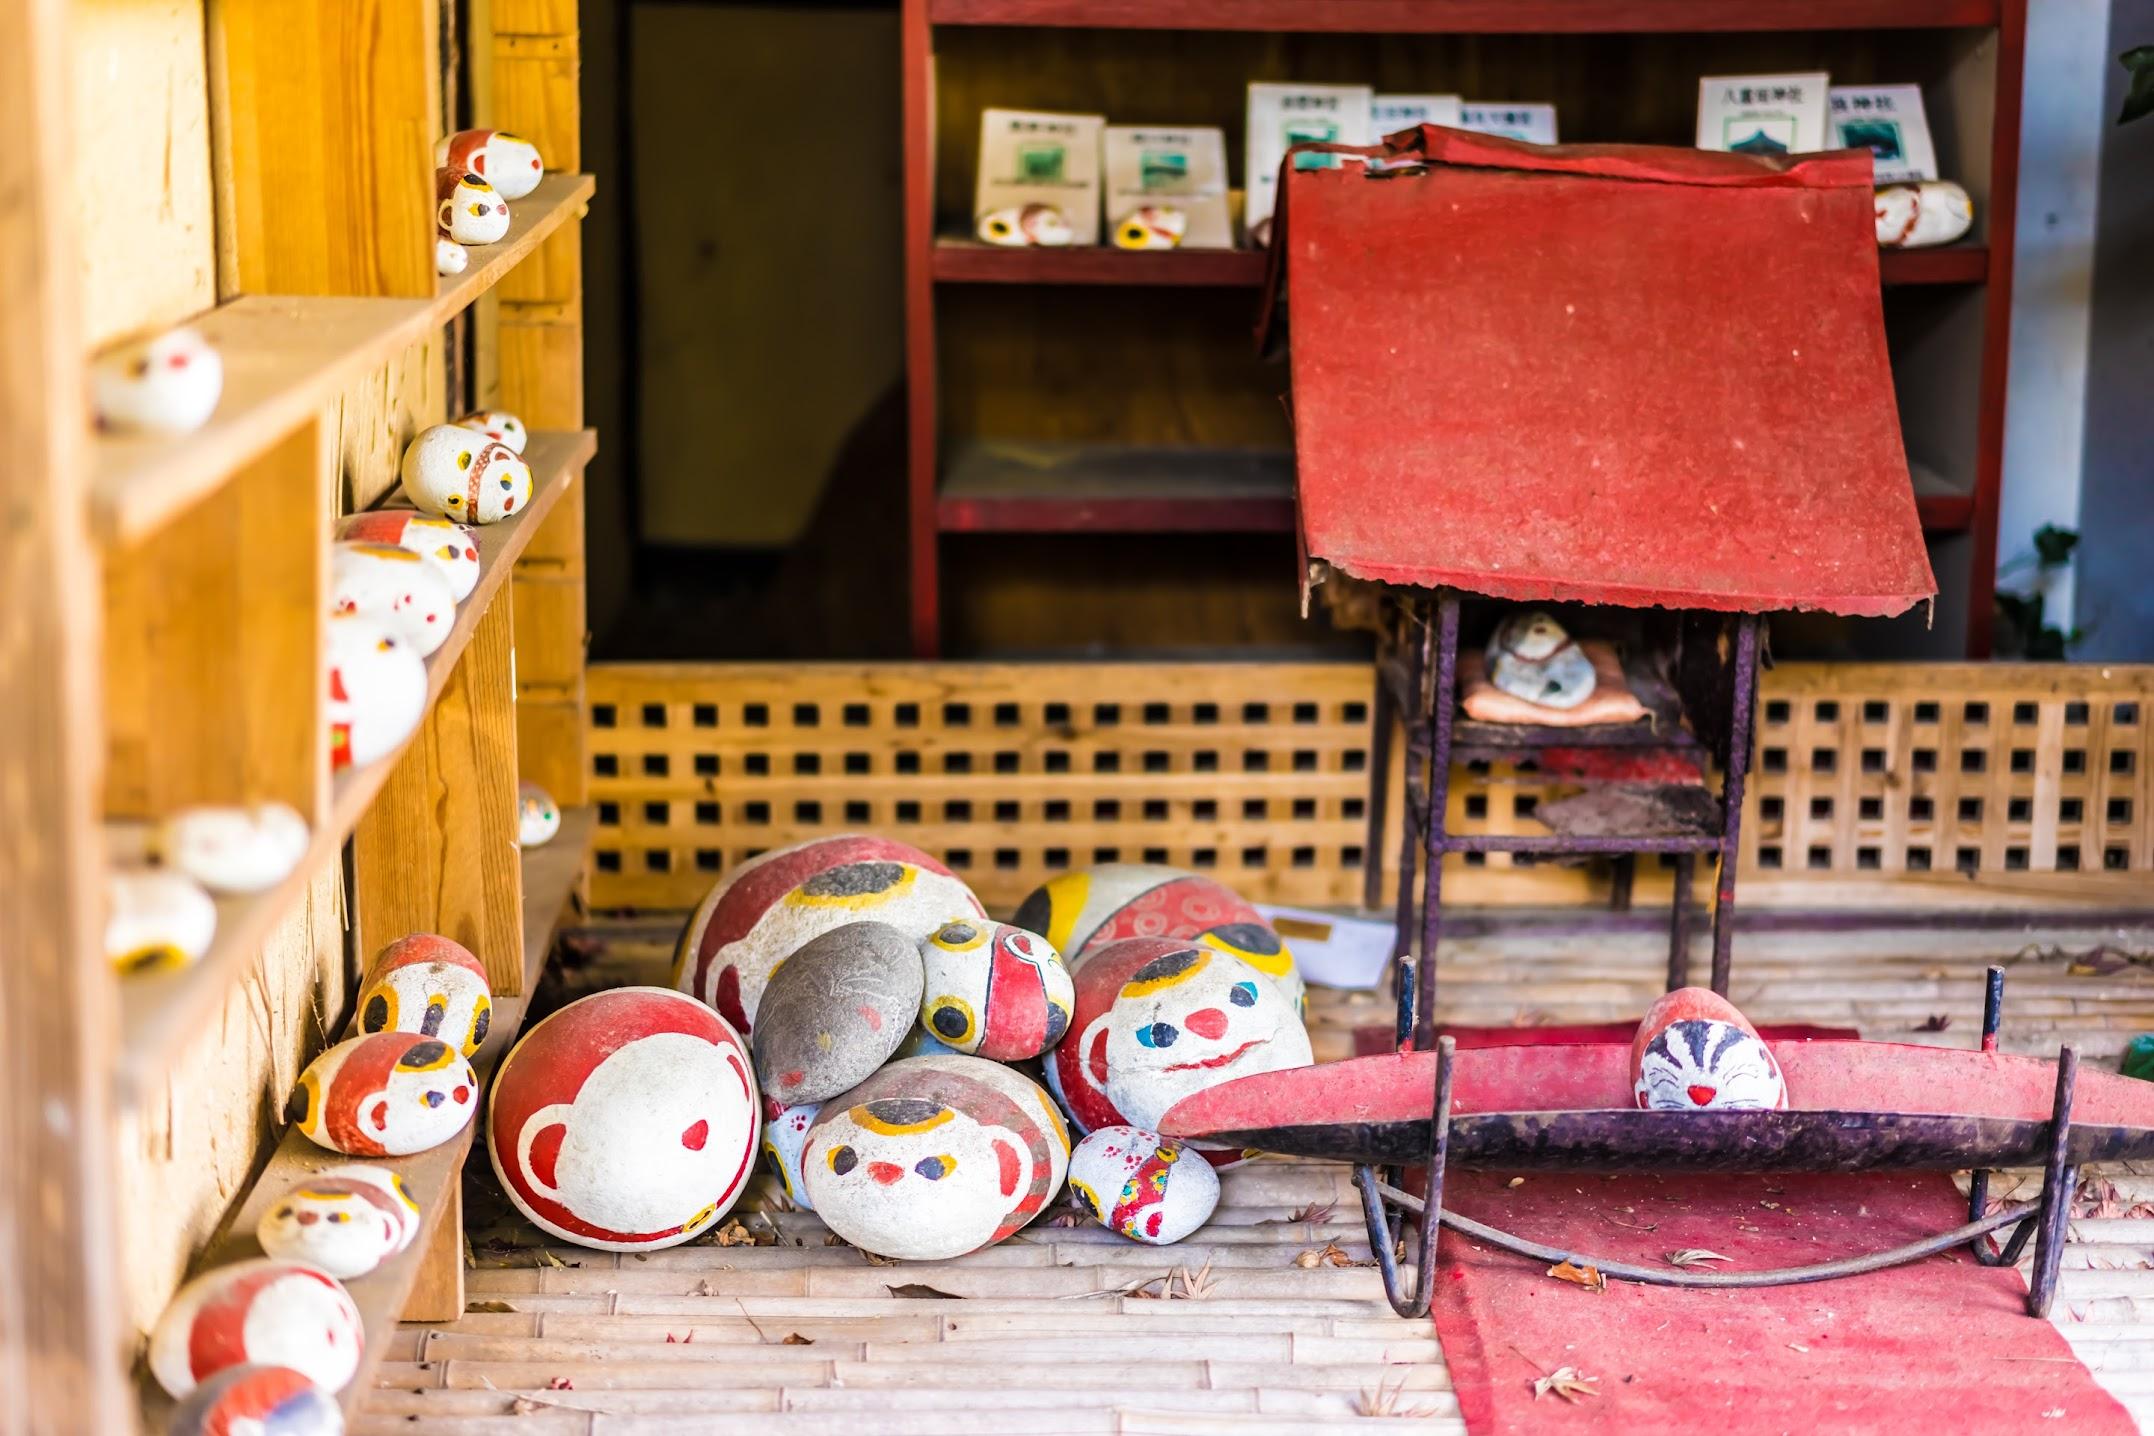 尾道 猫の細道 尾道アート館 福石猫1